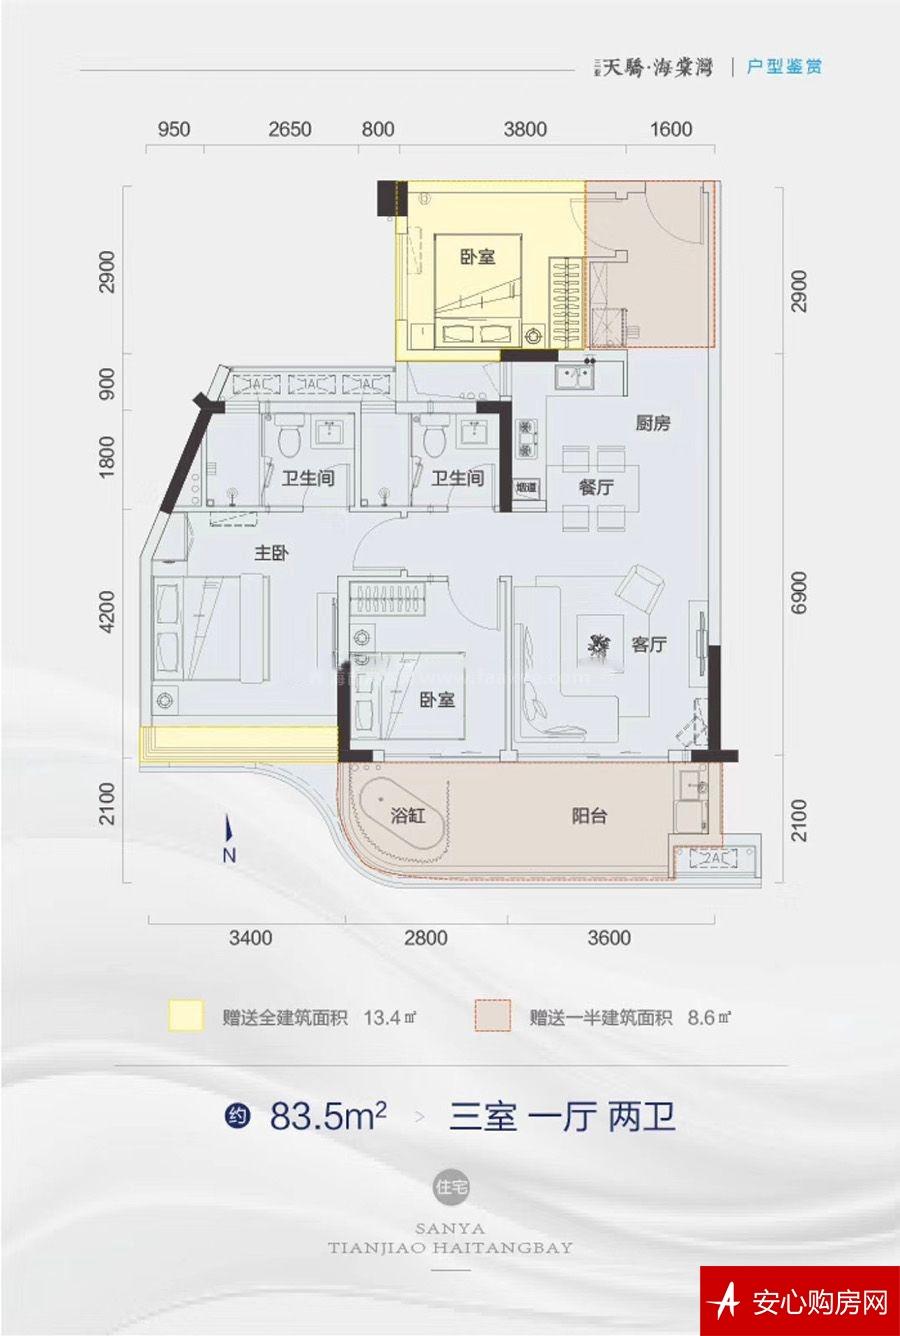 住宅户型 3房1厅2卫 83.5